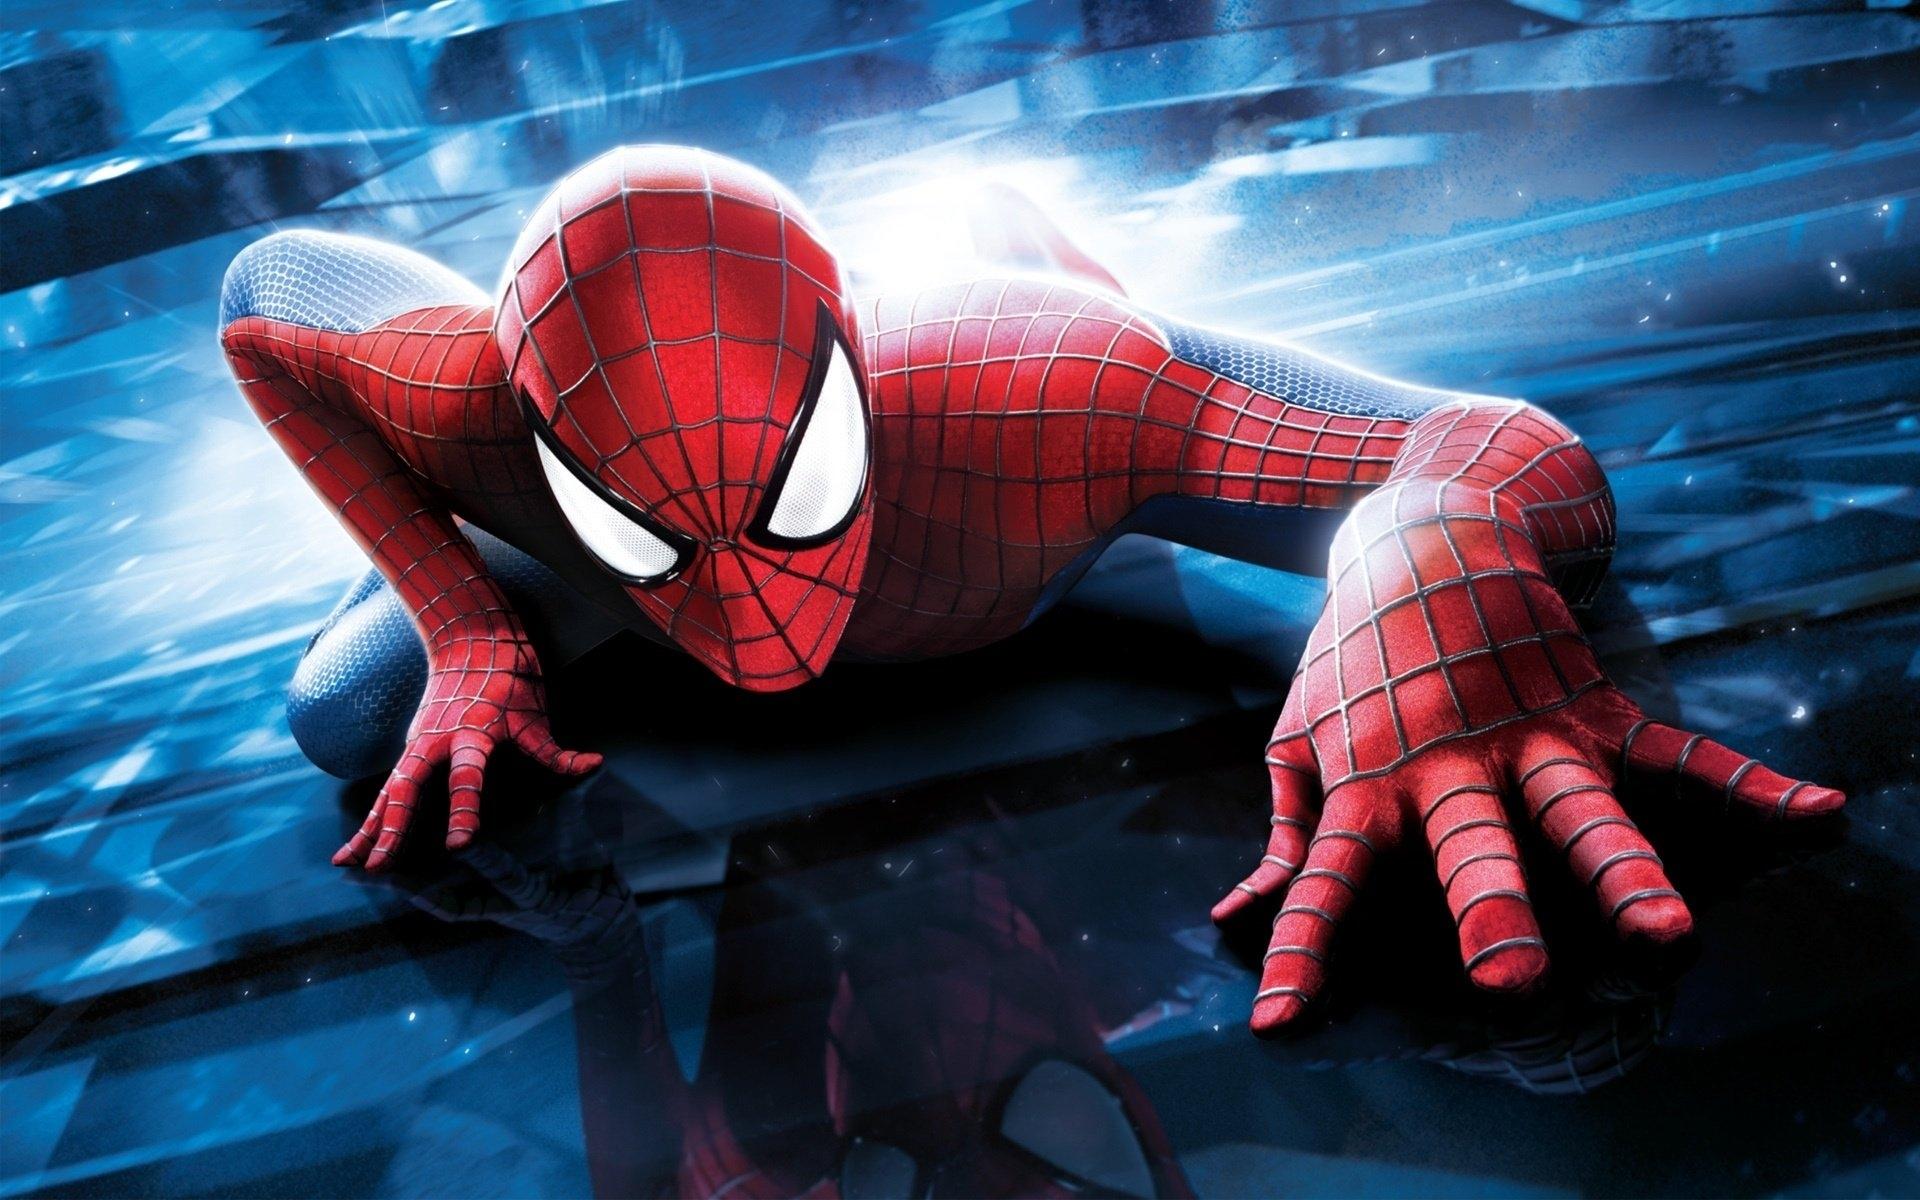 spiderman full hd fond d'écran and arrière-plan   1920x1200   id:553022